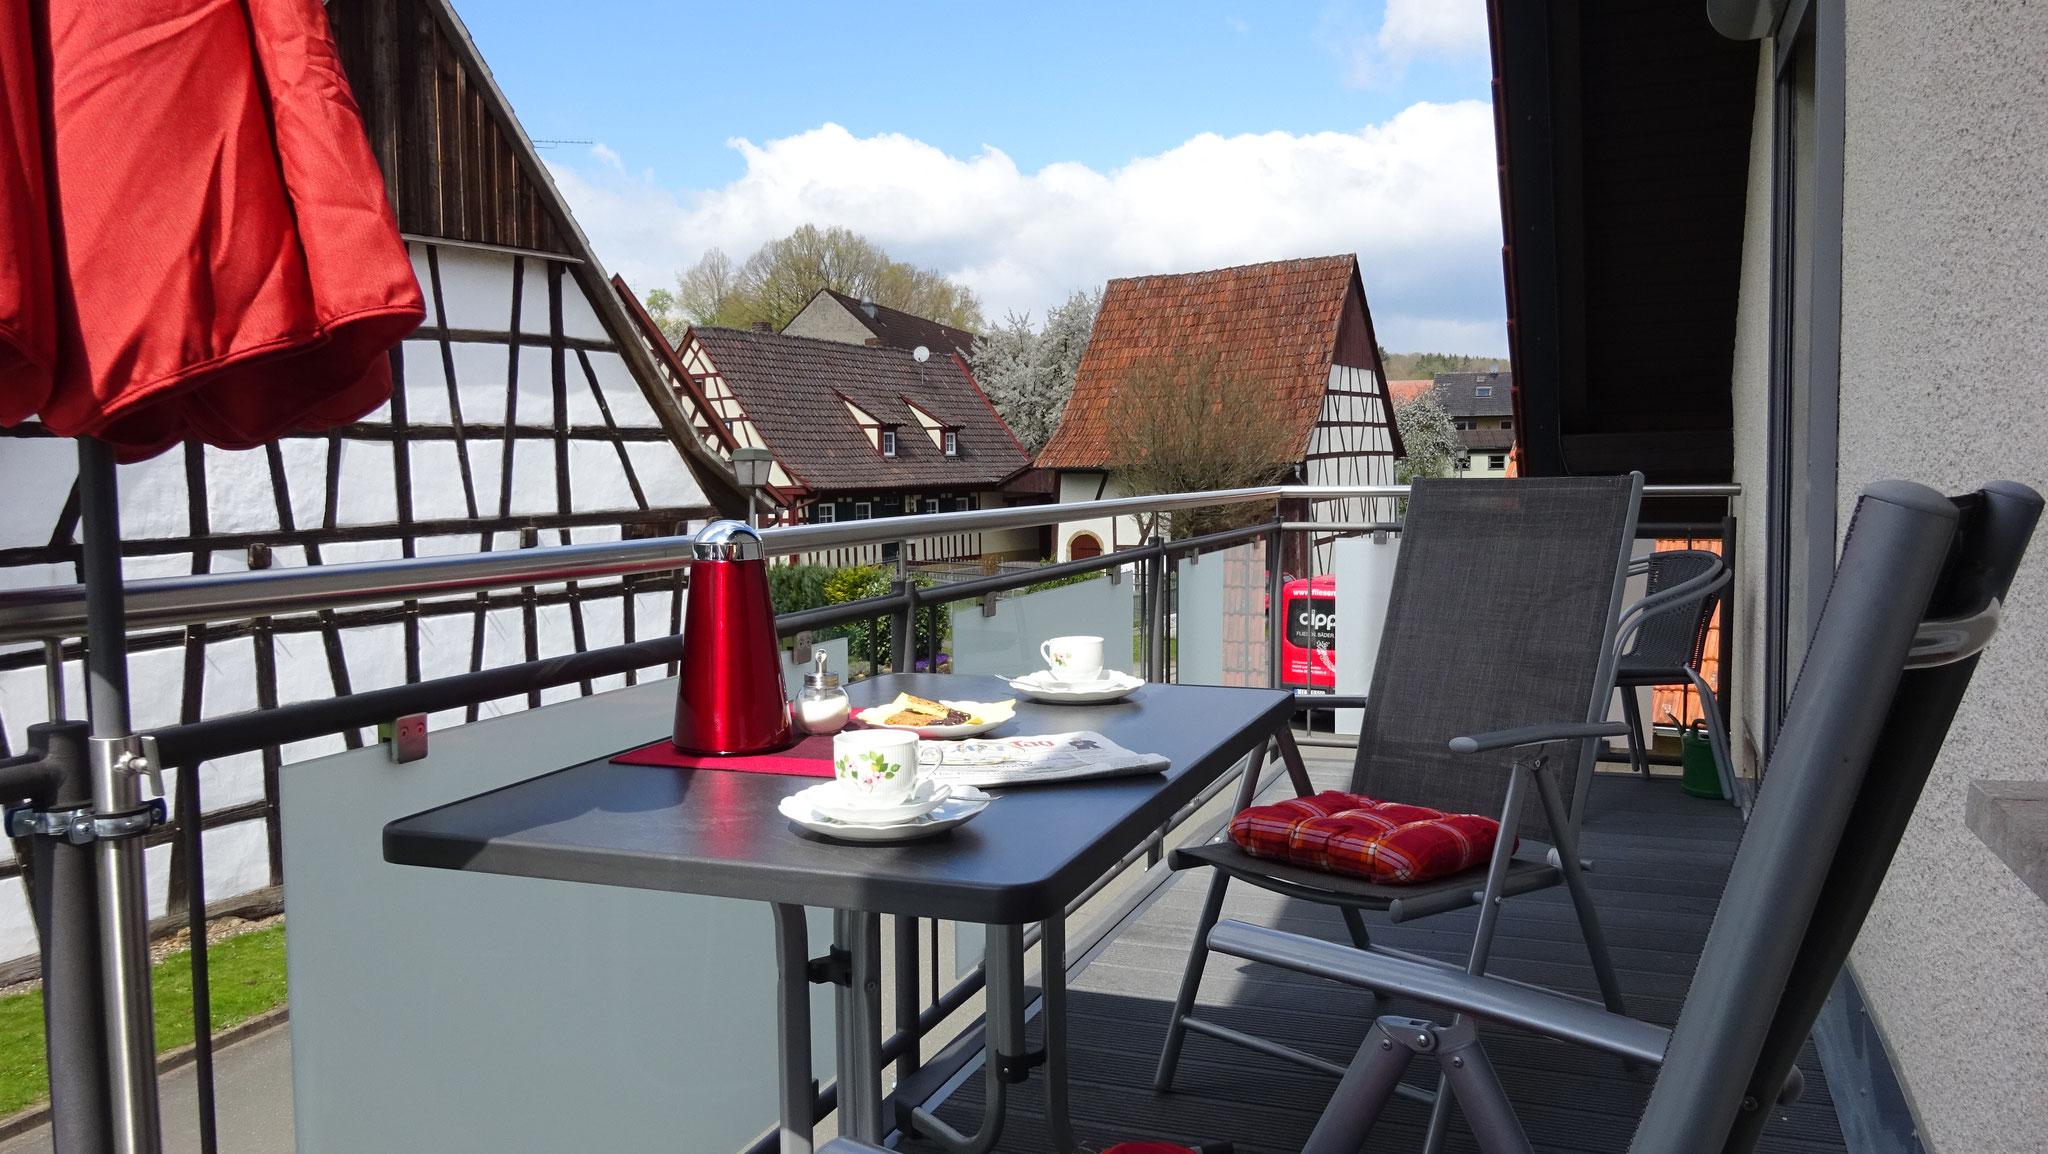 Blick vom Balkon auf denkmalgeschützte Fachwerkbauten der Nachbarschaft